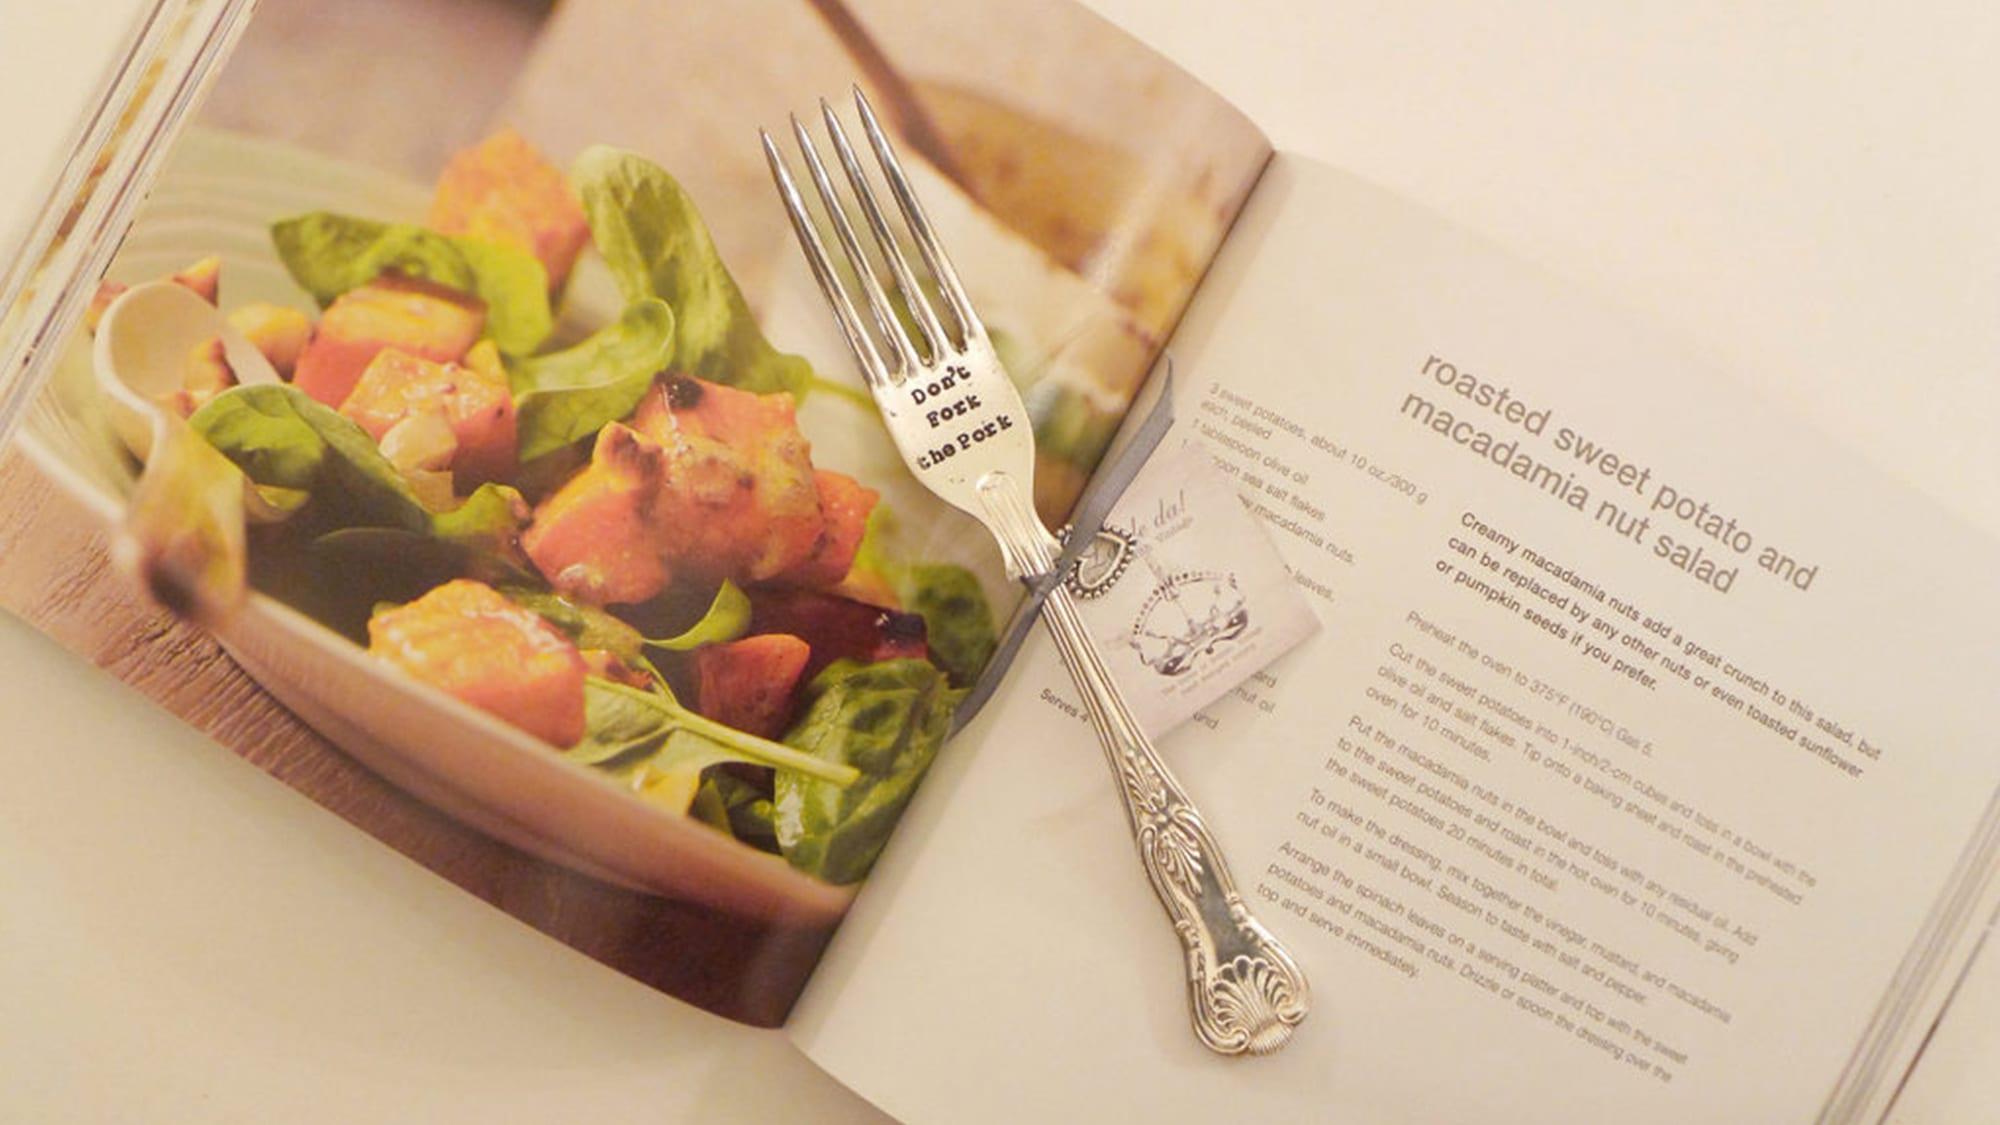 Hand-Stamped Fork - 'Don't fork the pork'